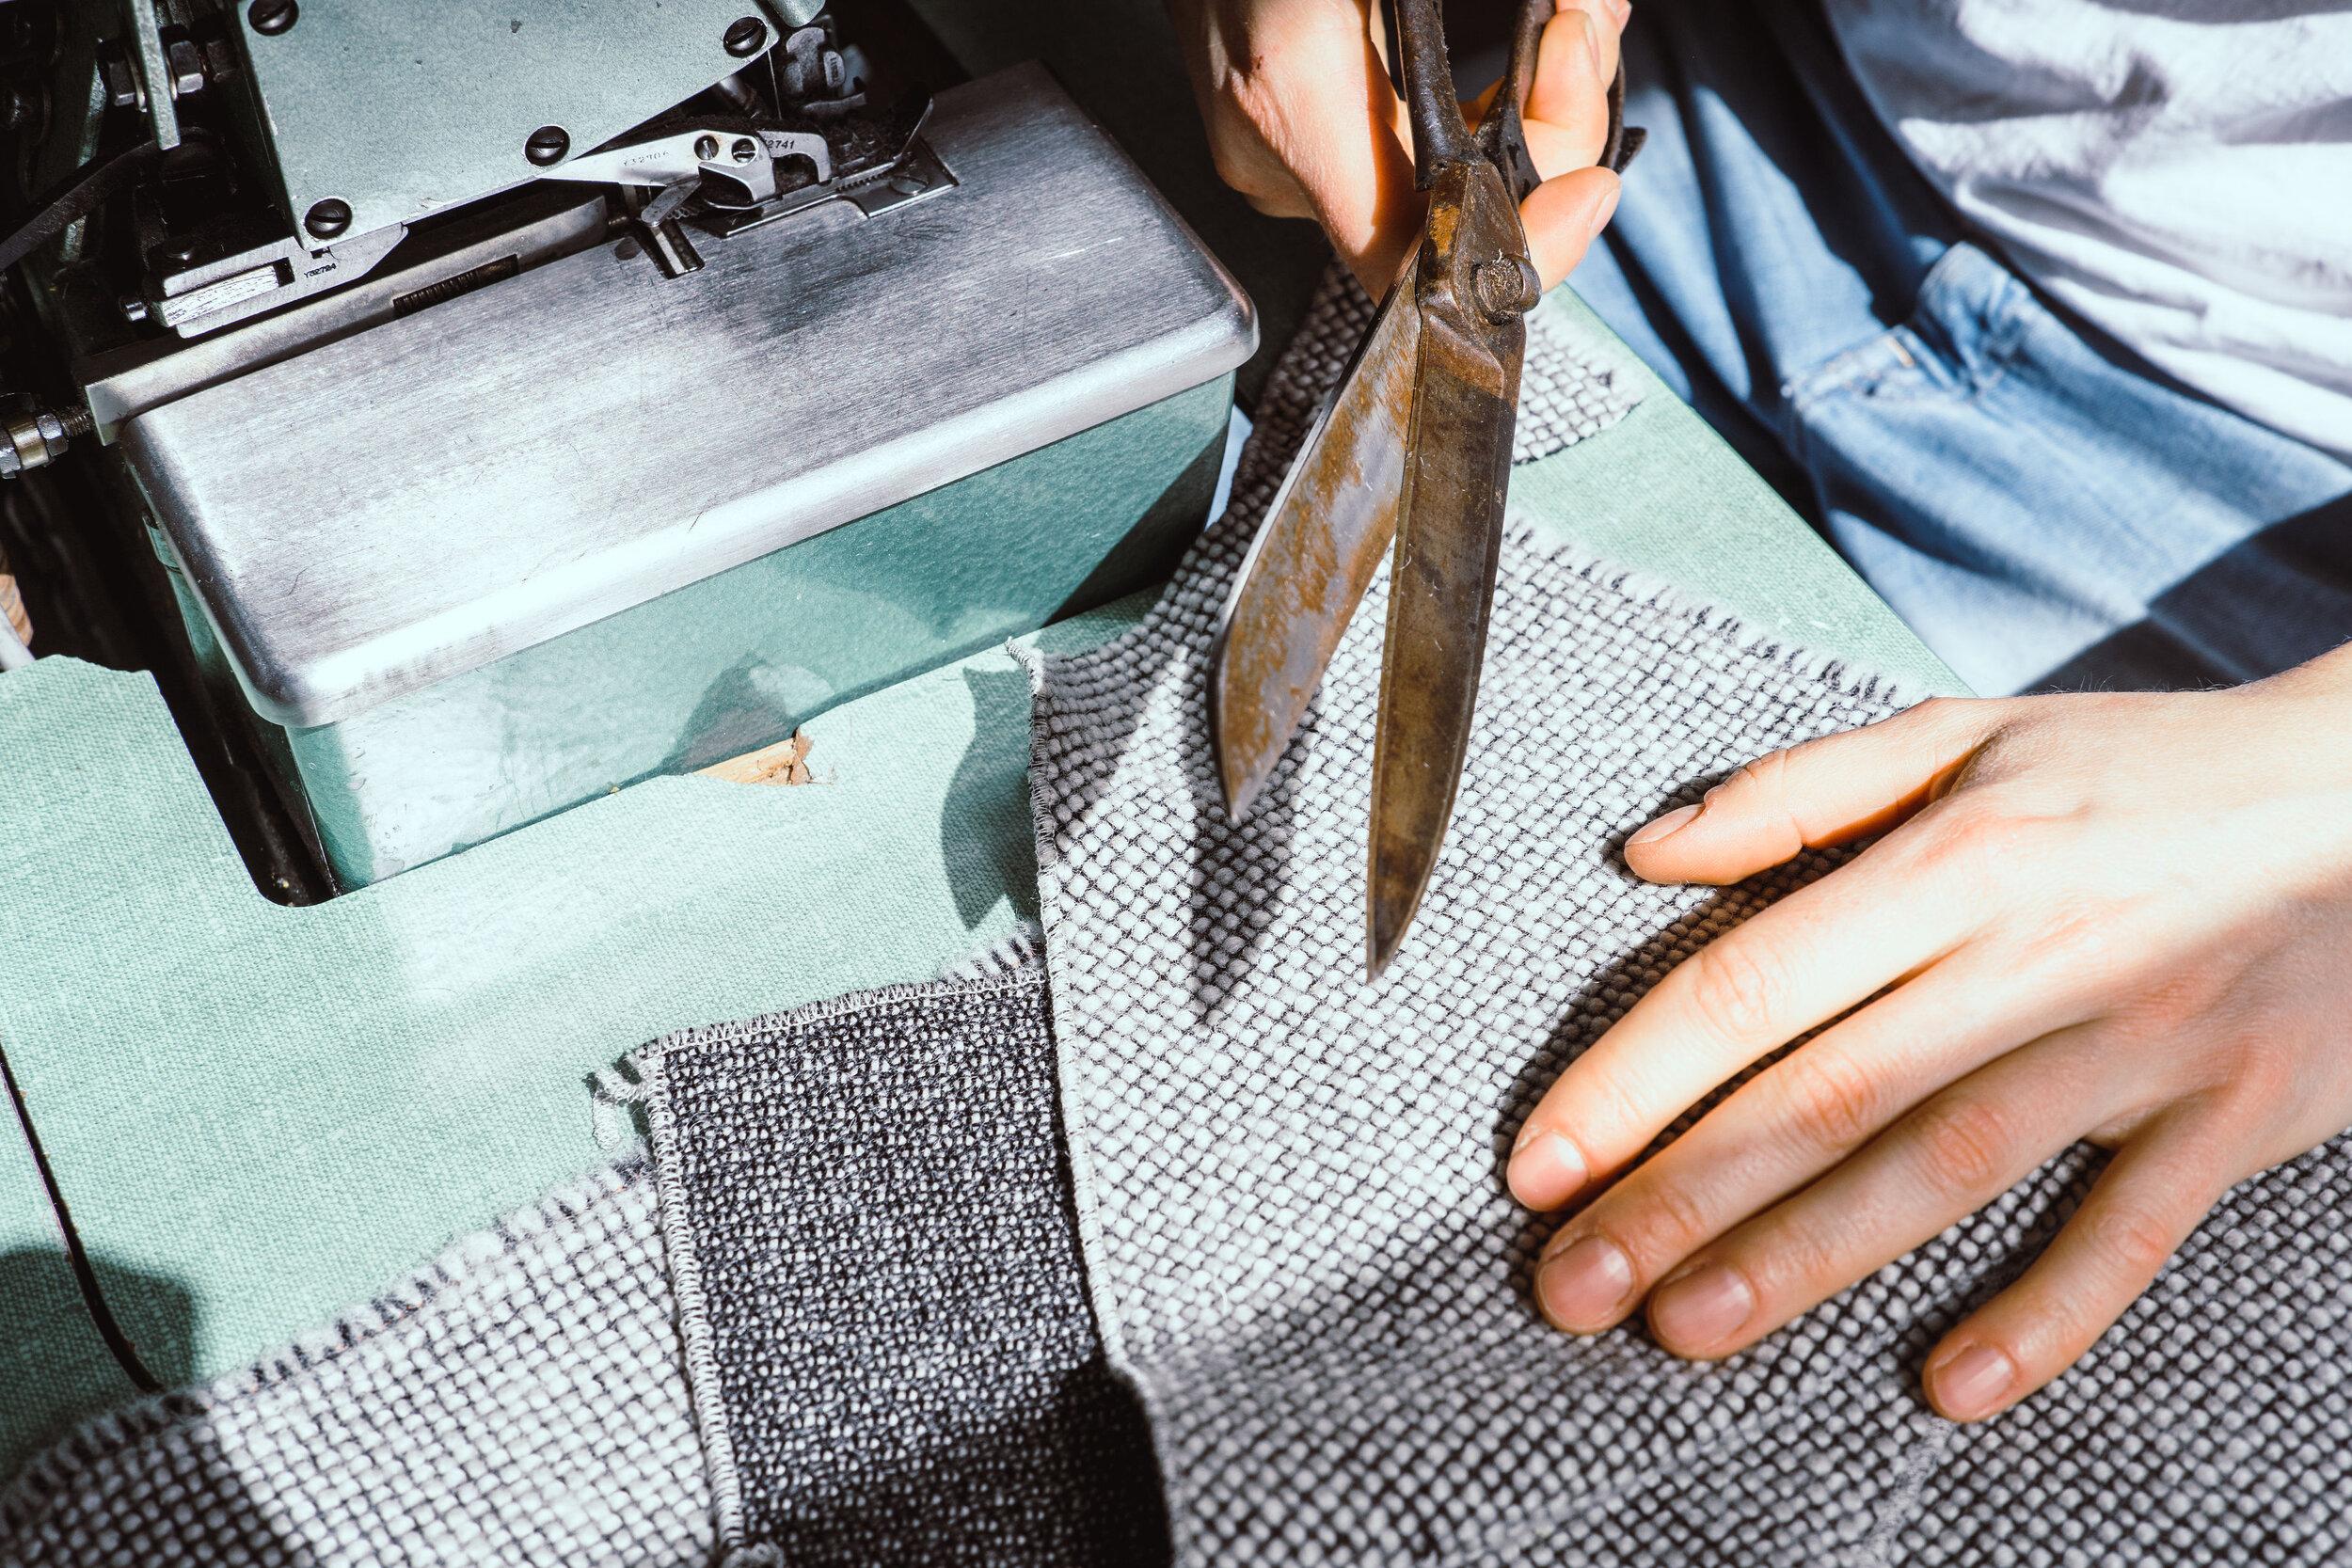 Besitzbar Werkstatt Workshop Schere Stoff Upholstery fabric